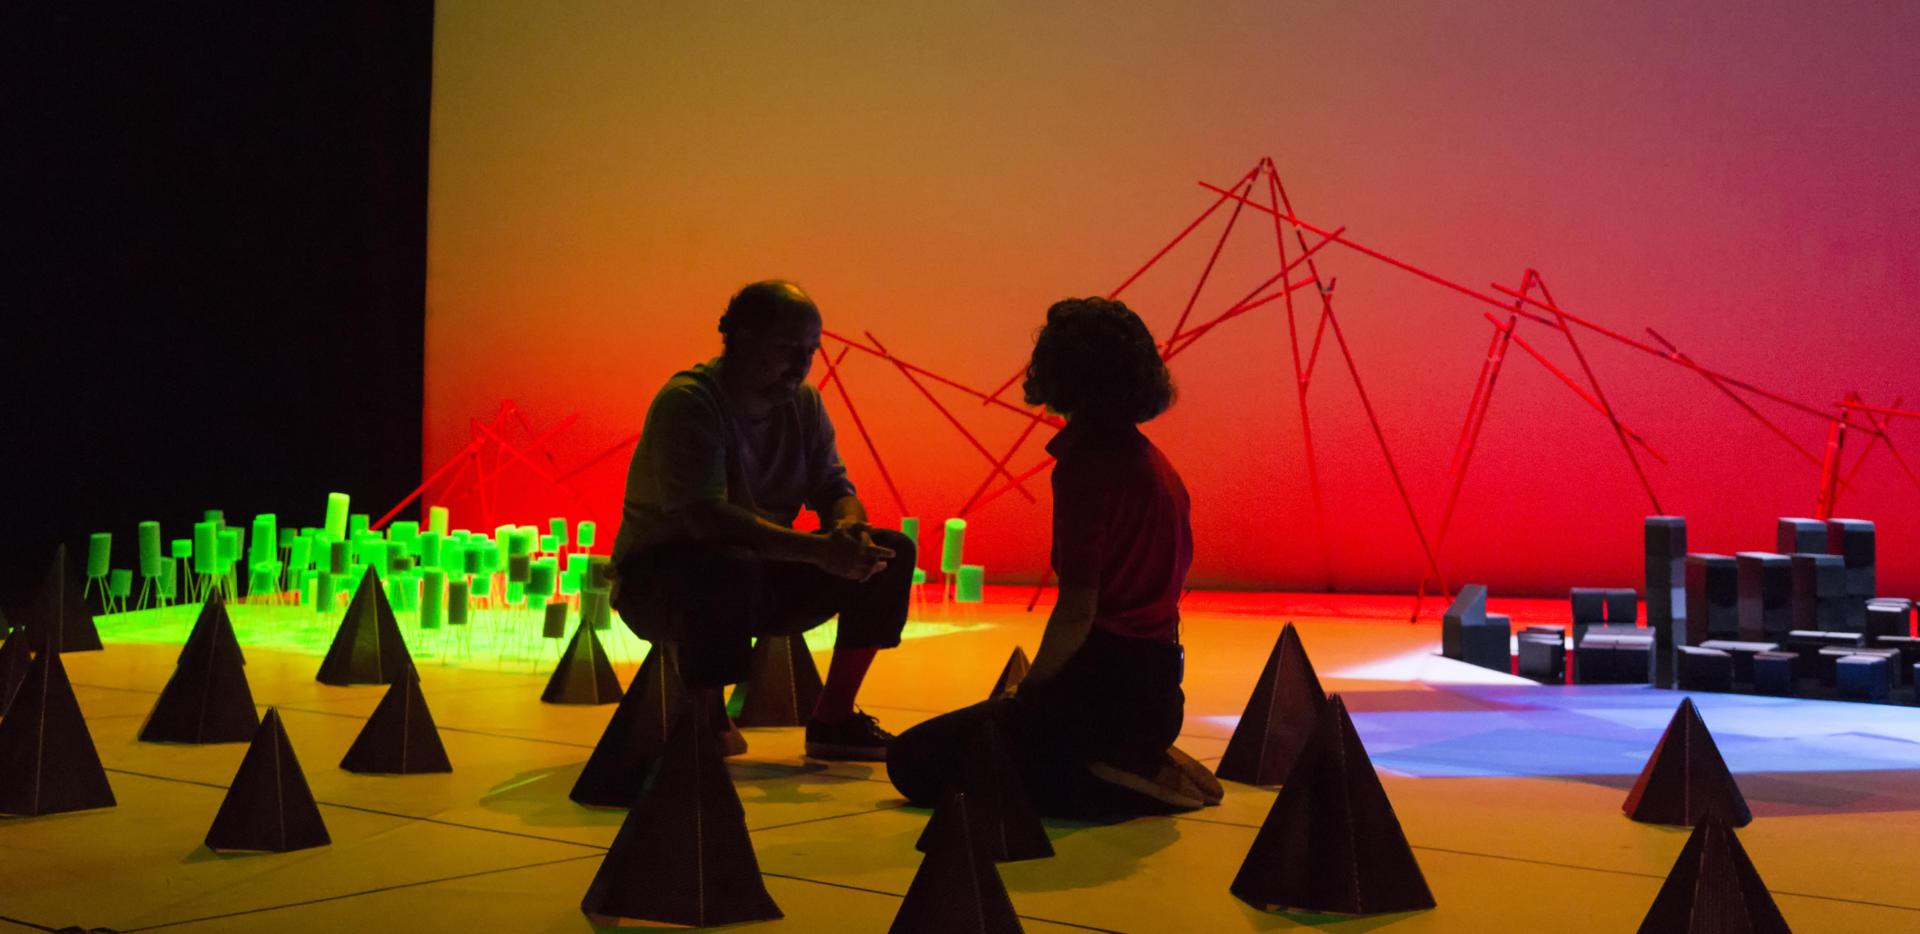 'Tierras del sud', d'Azkona&Toloza, es va estrenar al Théâtre de la Ville de París. Foto: Alessia Bombaci